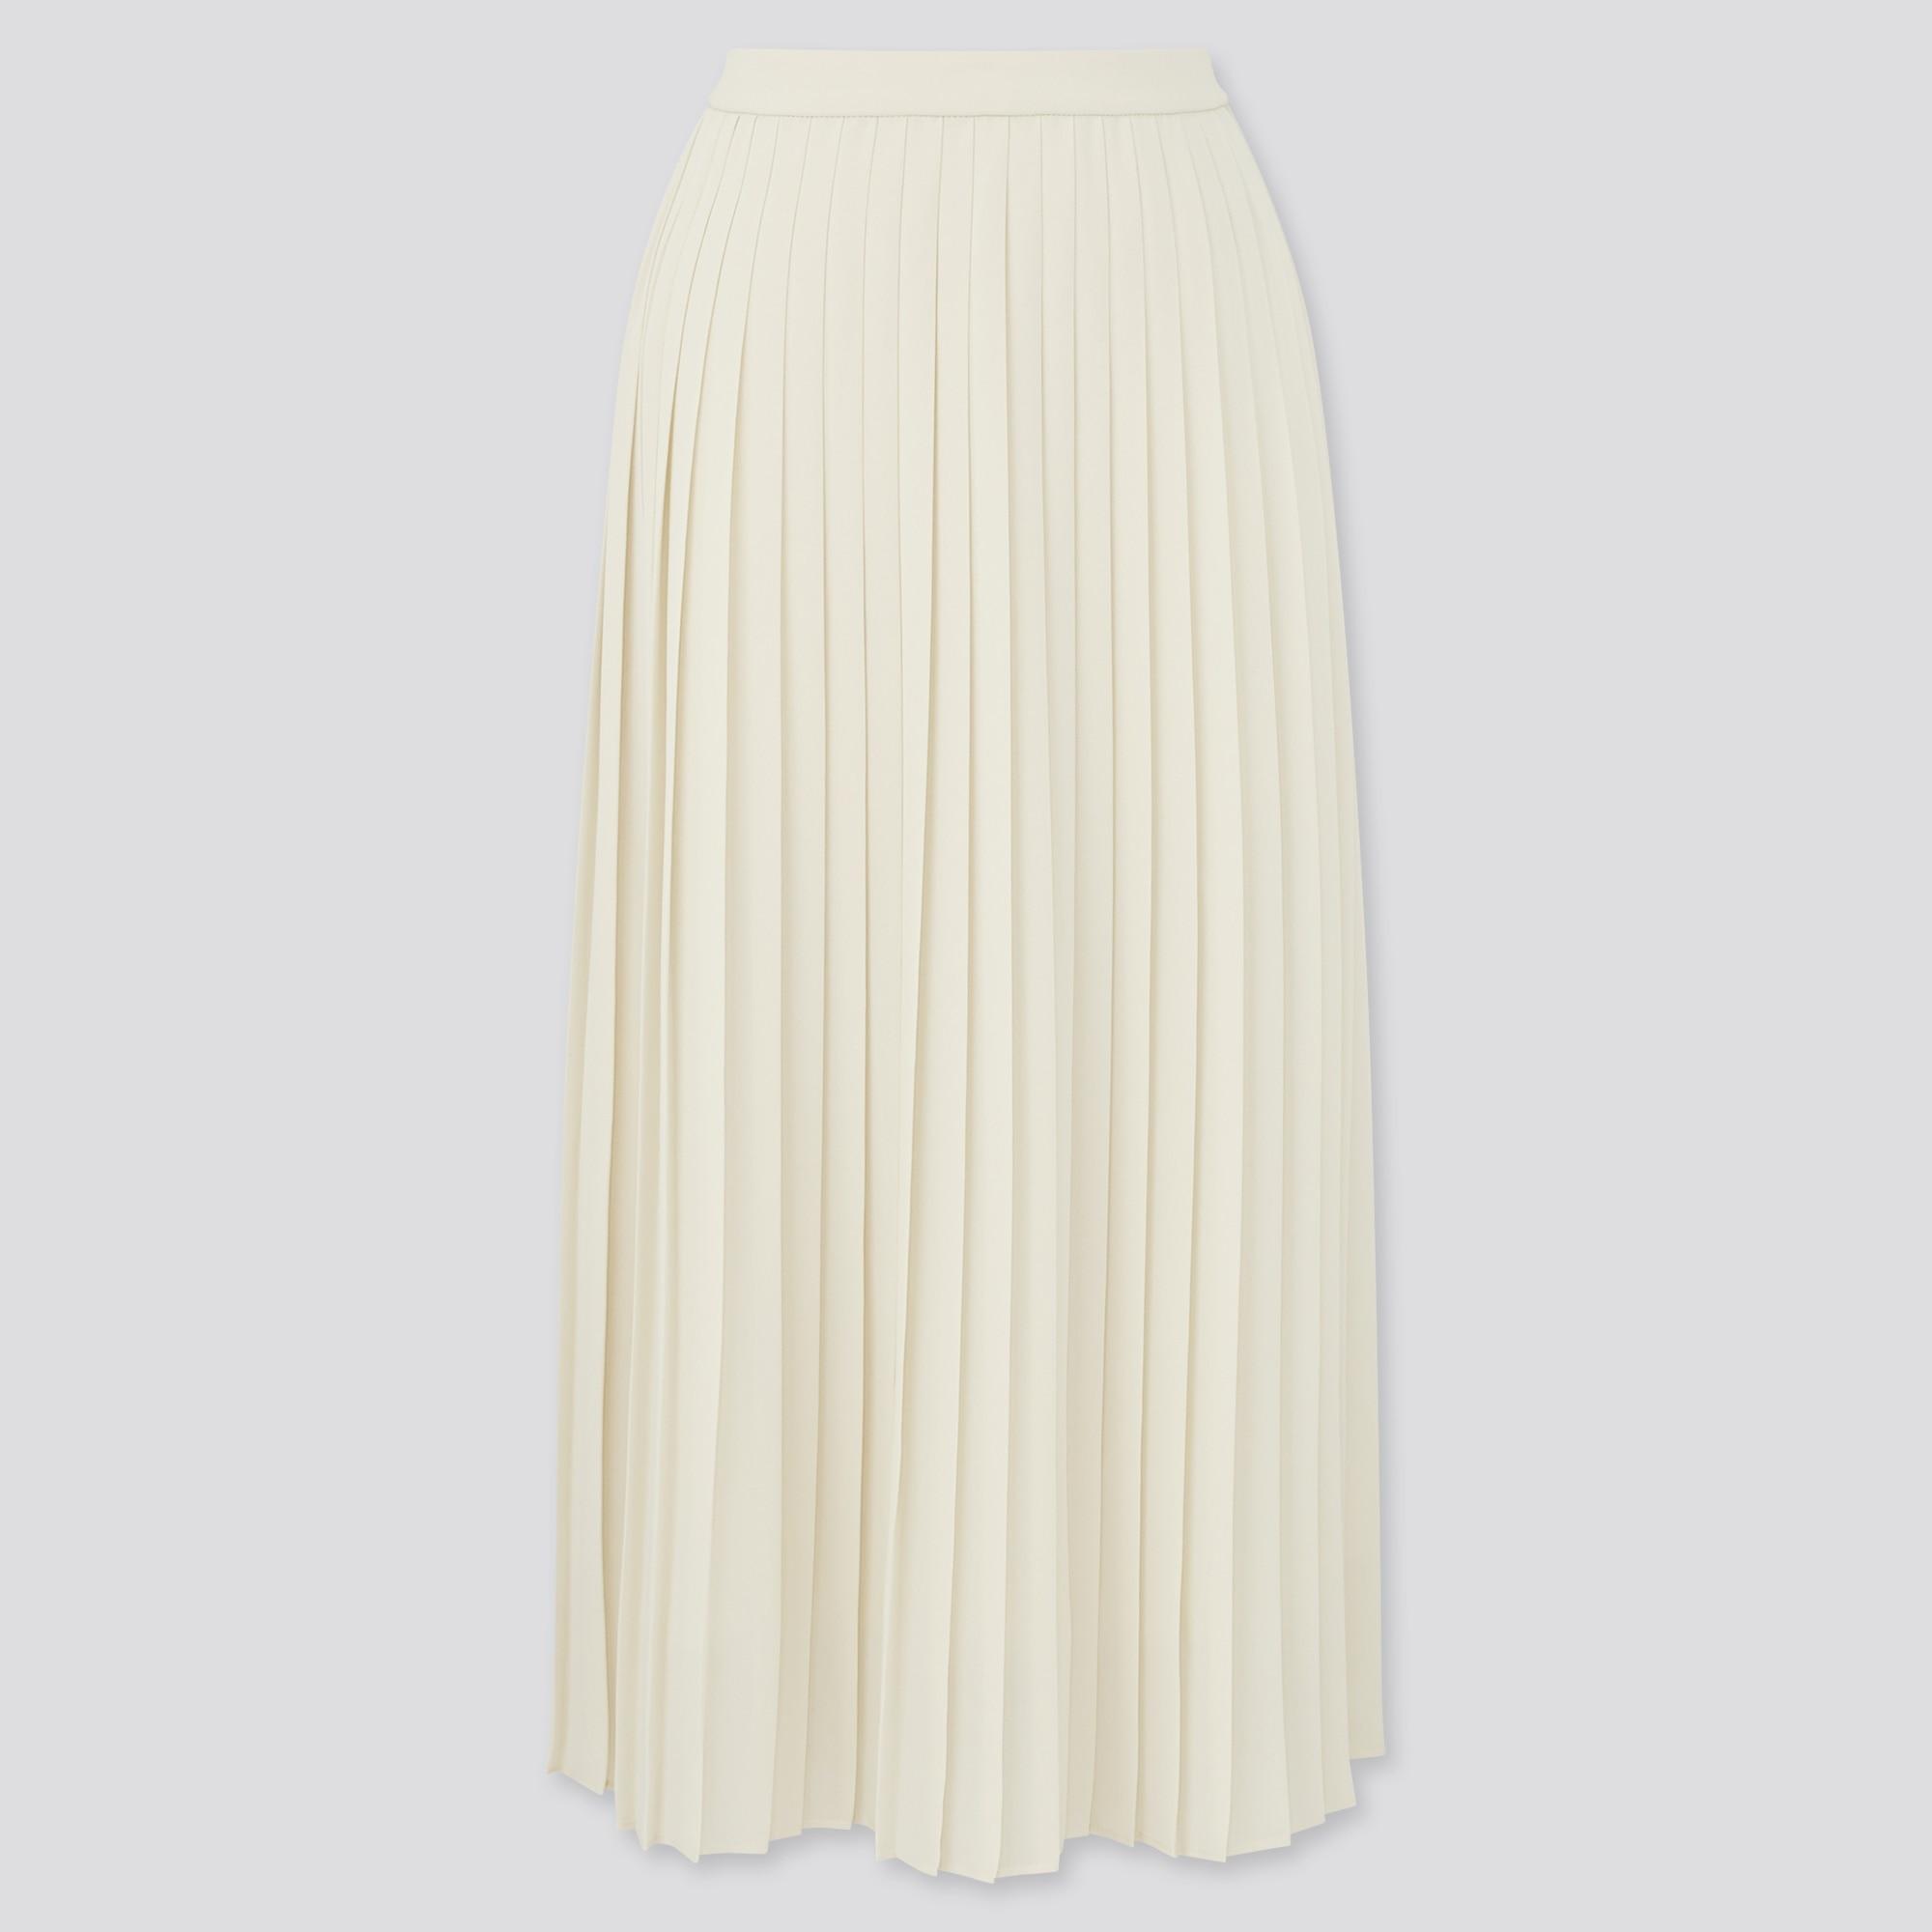 ユニクロのシフォンプリーツロングスカートの写真